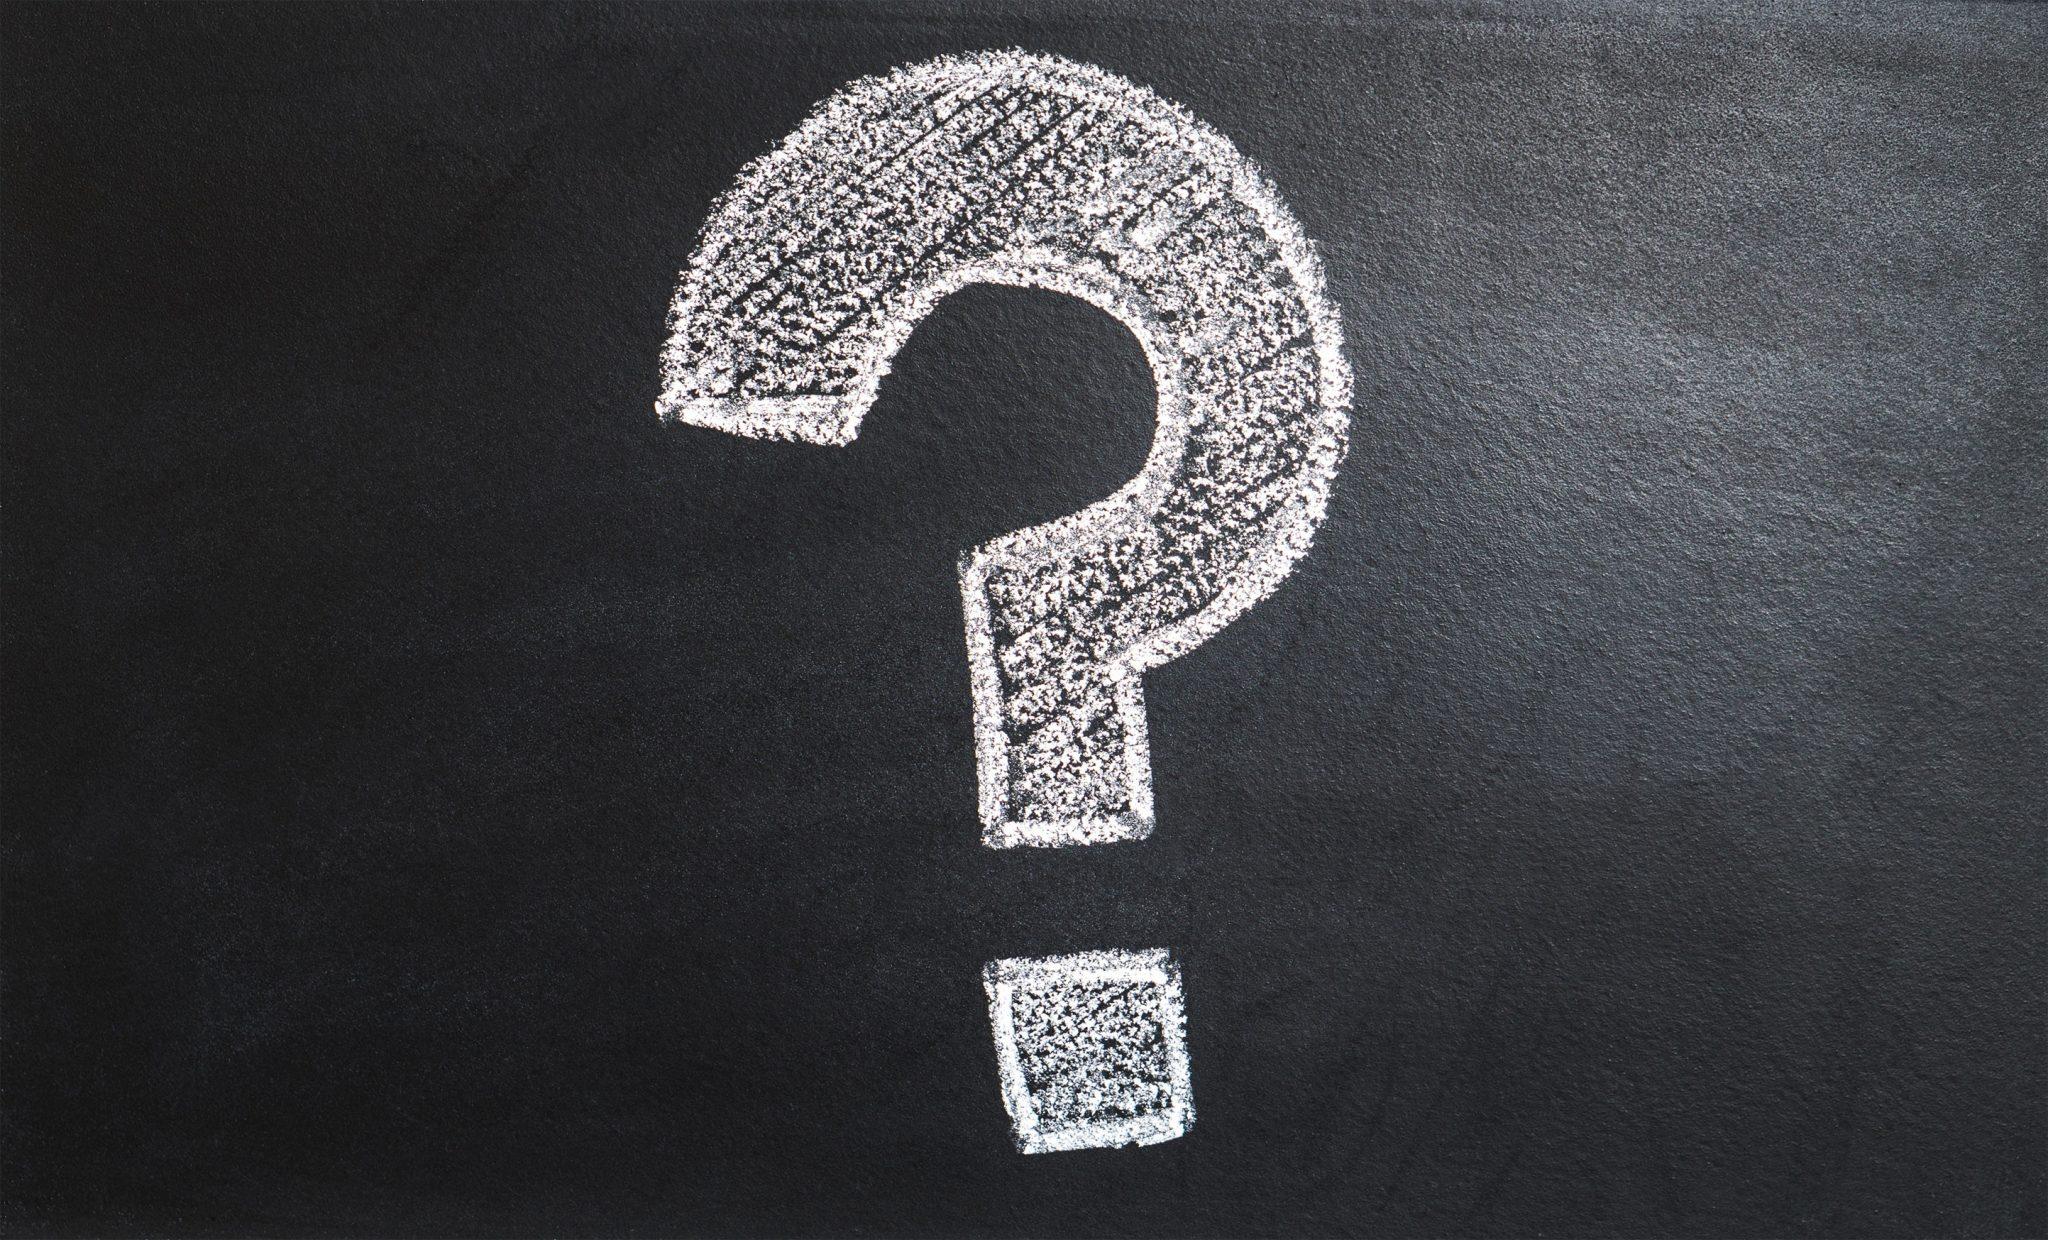 Vraagteken op een krijtbord om uit te zoeken waarvoor verandering belangrijk is